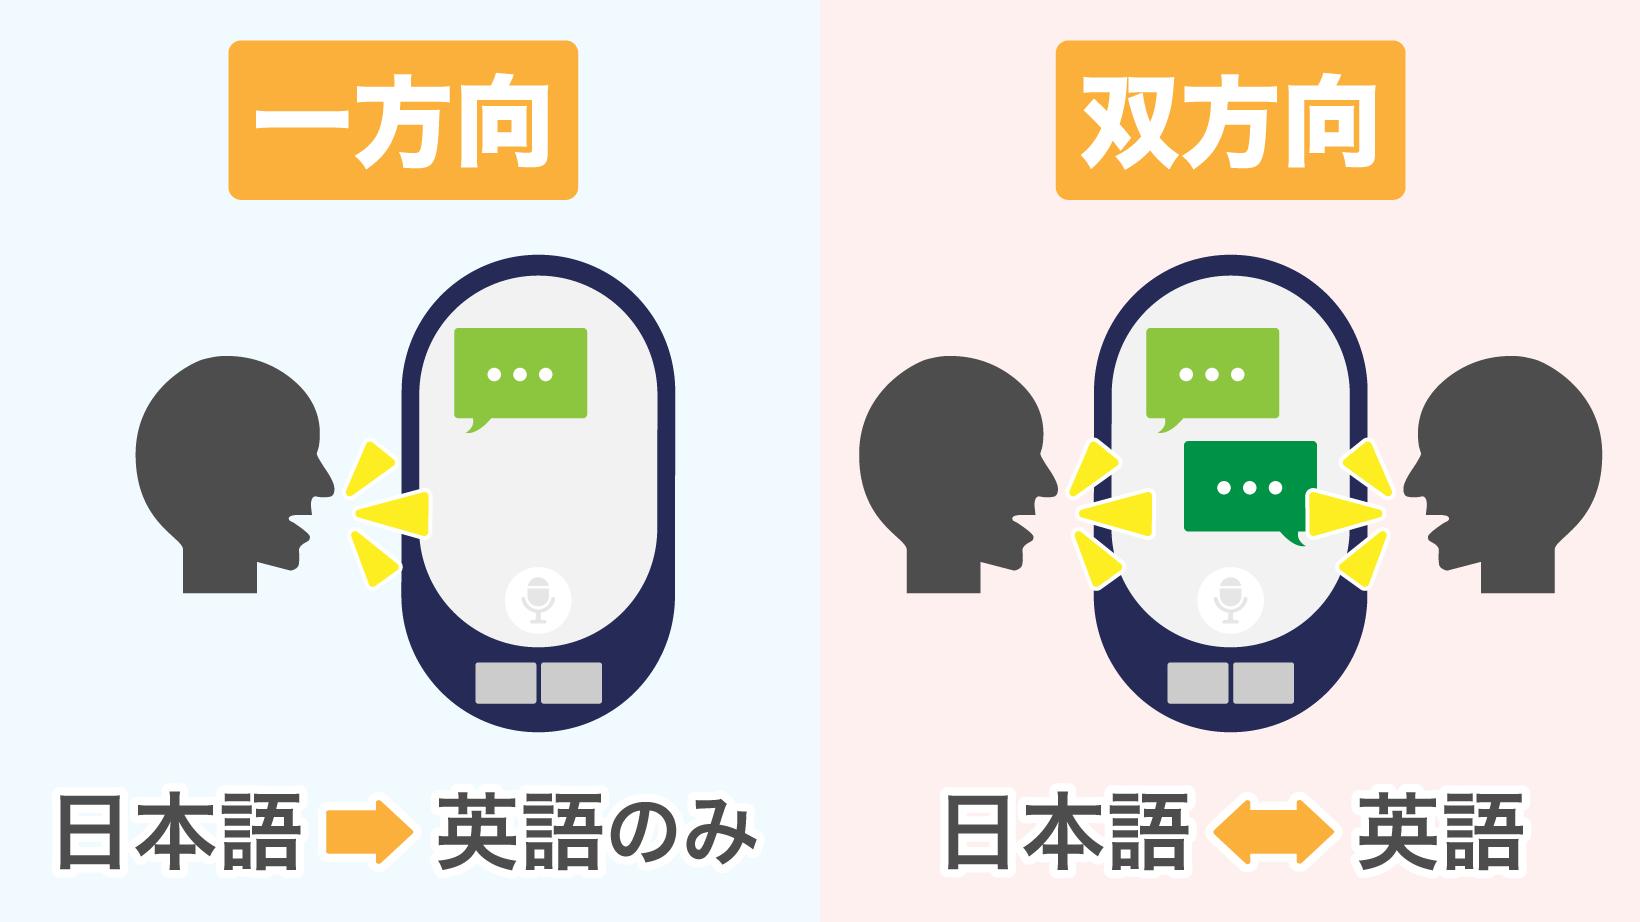 翻訳機の種類